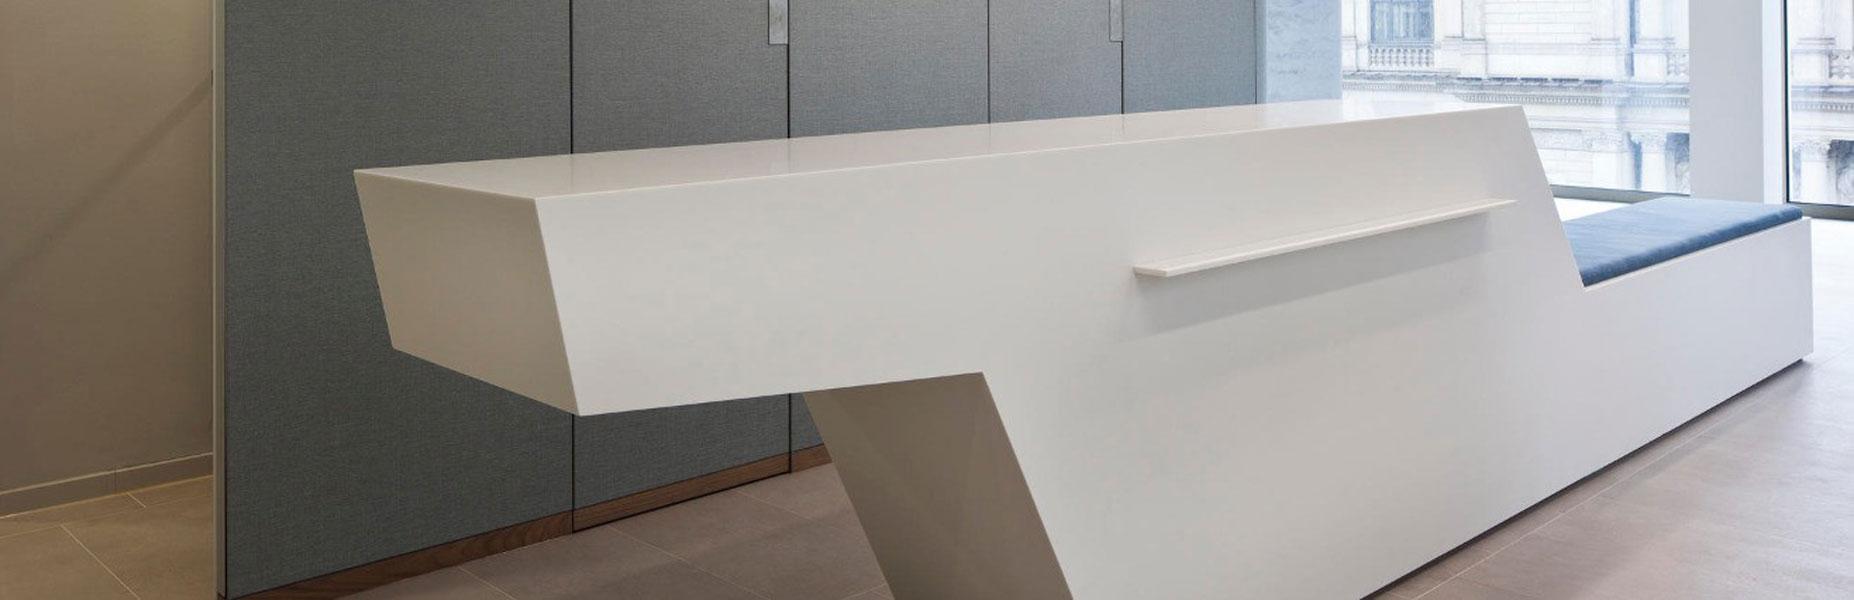 Handelskammer Hamburg - Waschtisch- und Tresenanlagen aus Corian®